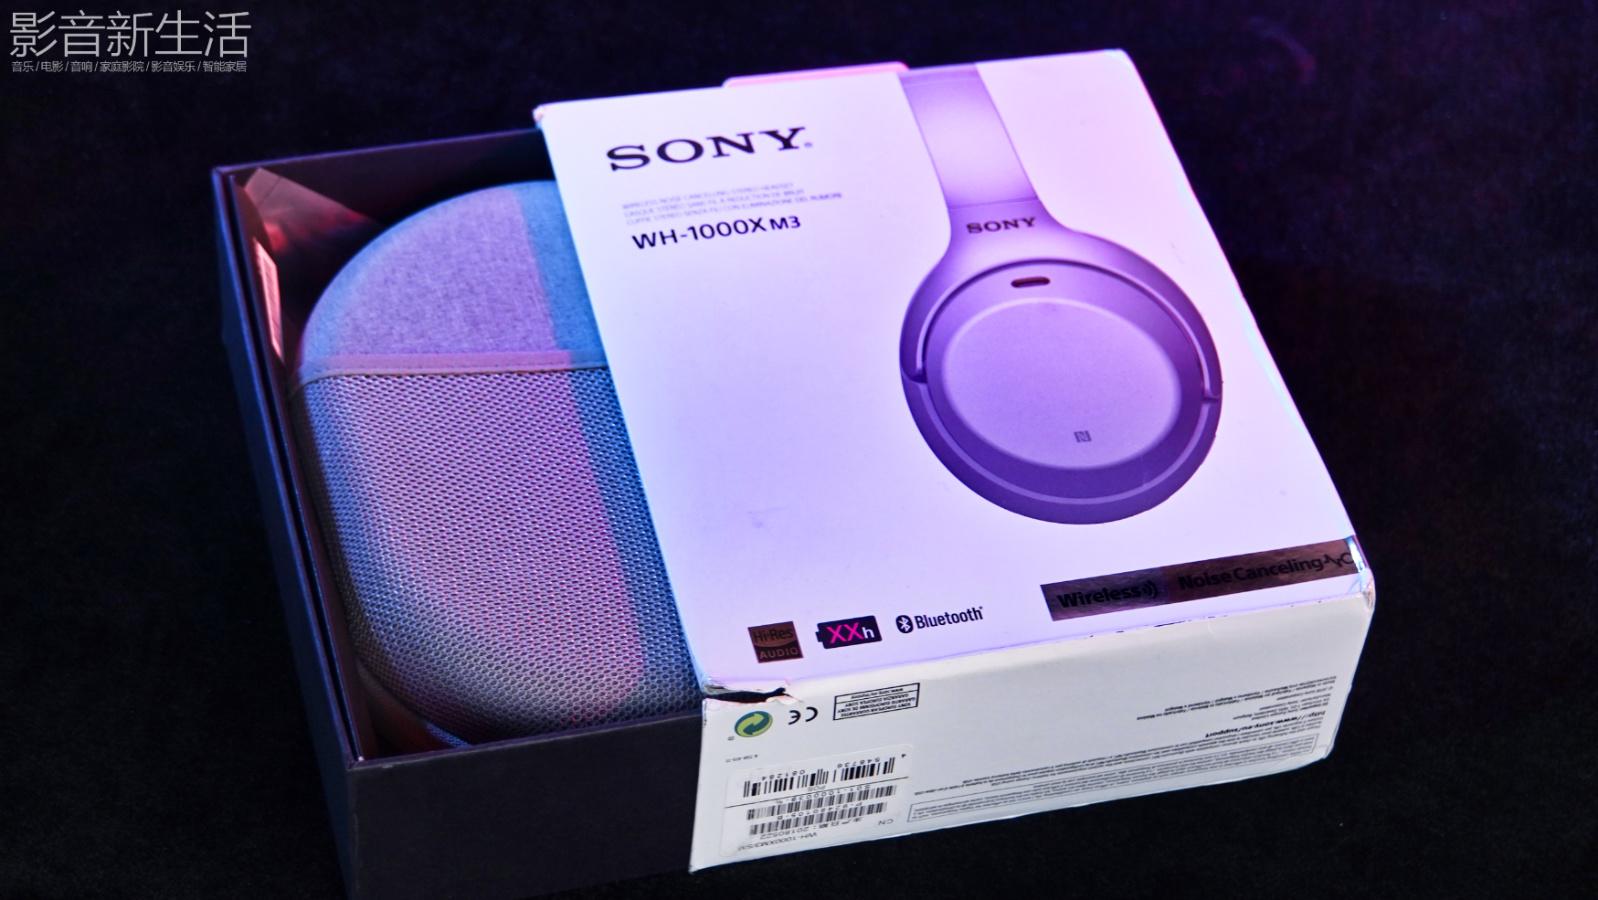 """推荐   """"不只是颜值,感受噪声消失后的乐趣""""SONY WH-1000X M3蓝牙无线主动降噪耳机"""